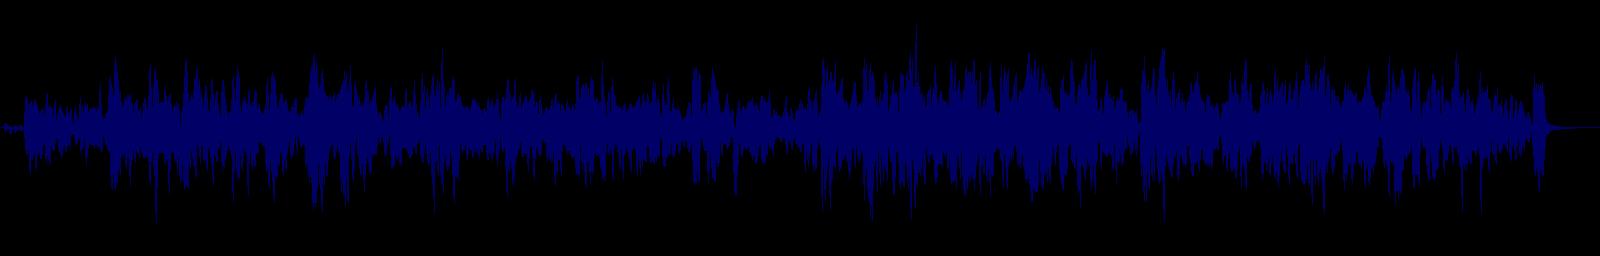 waveform of track #148735